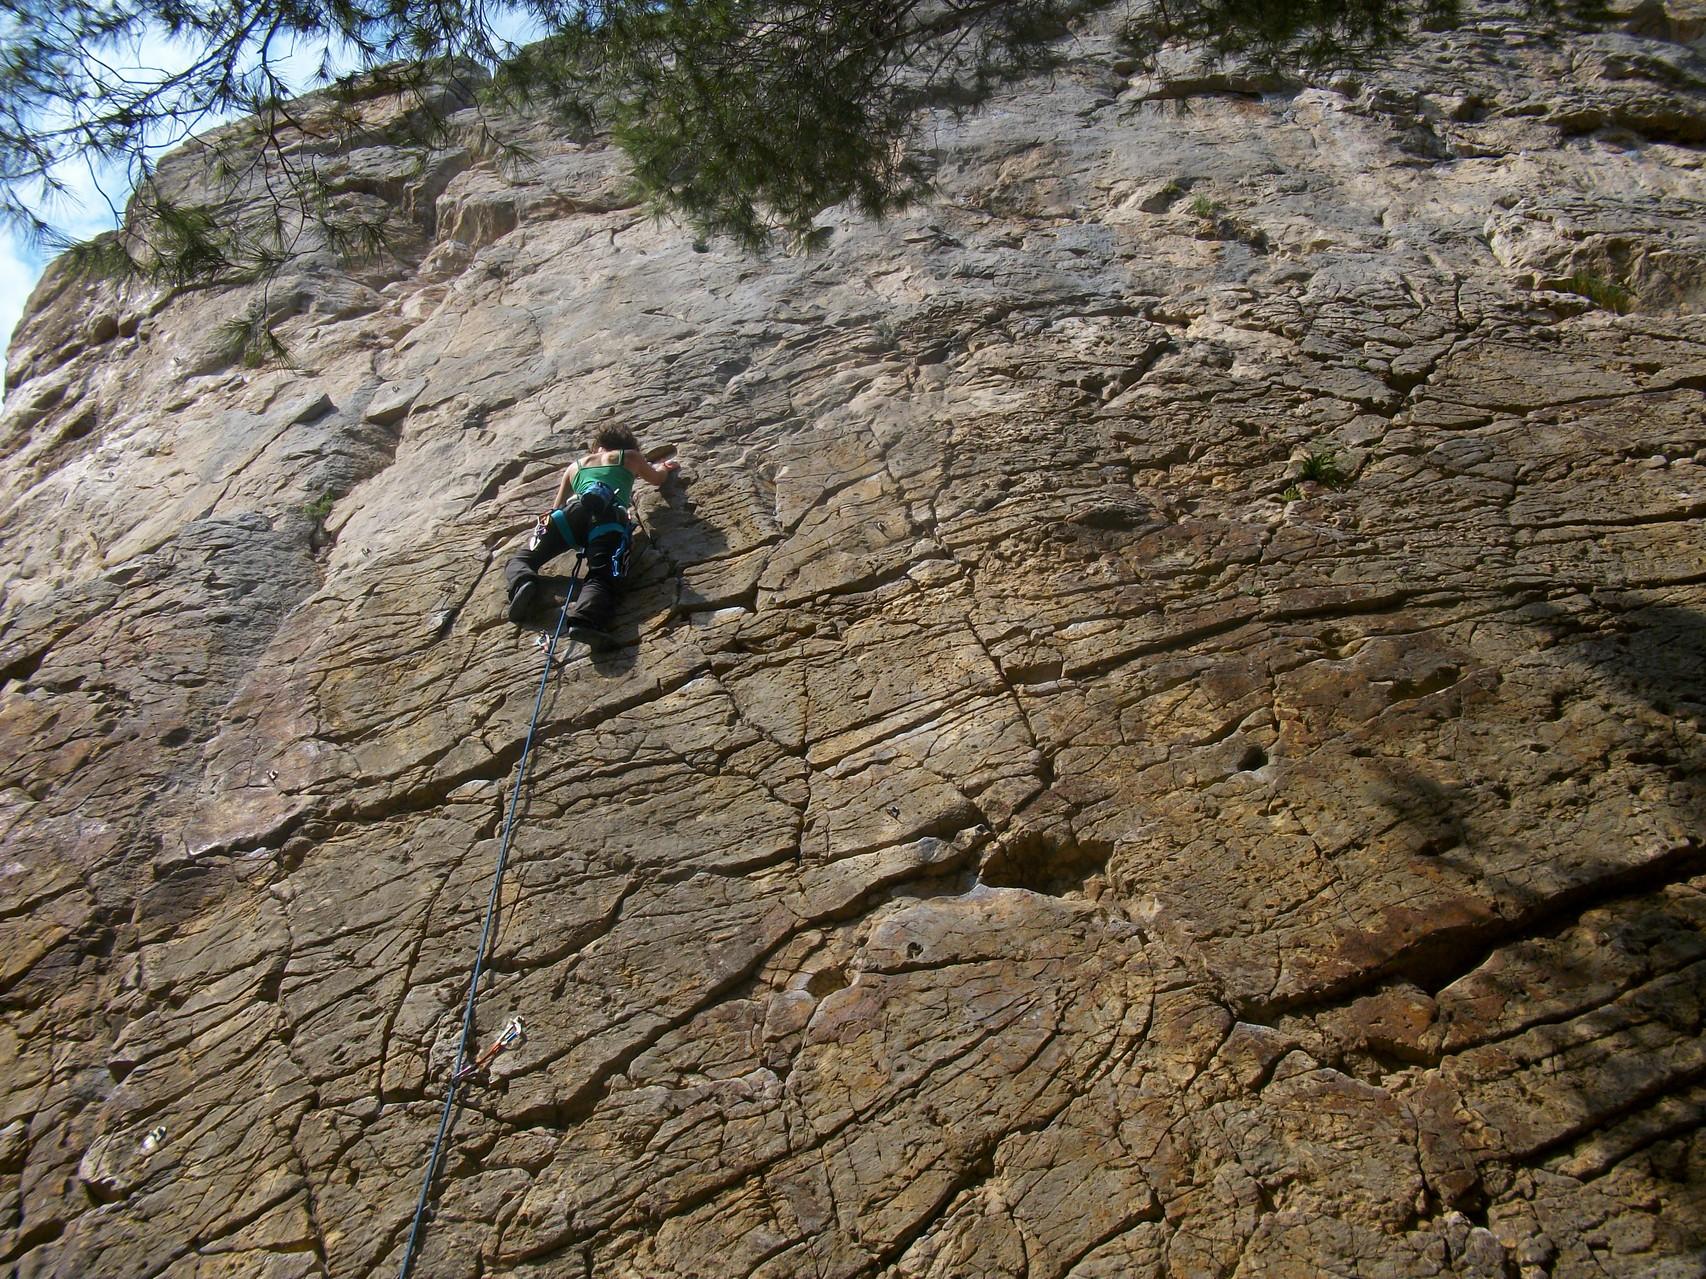 Kletterausrüstung Für Draußen : Gletscher die kletterausrüstung an einem gürtel zermatt wallis